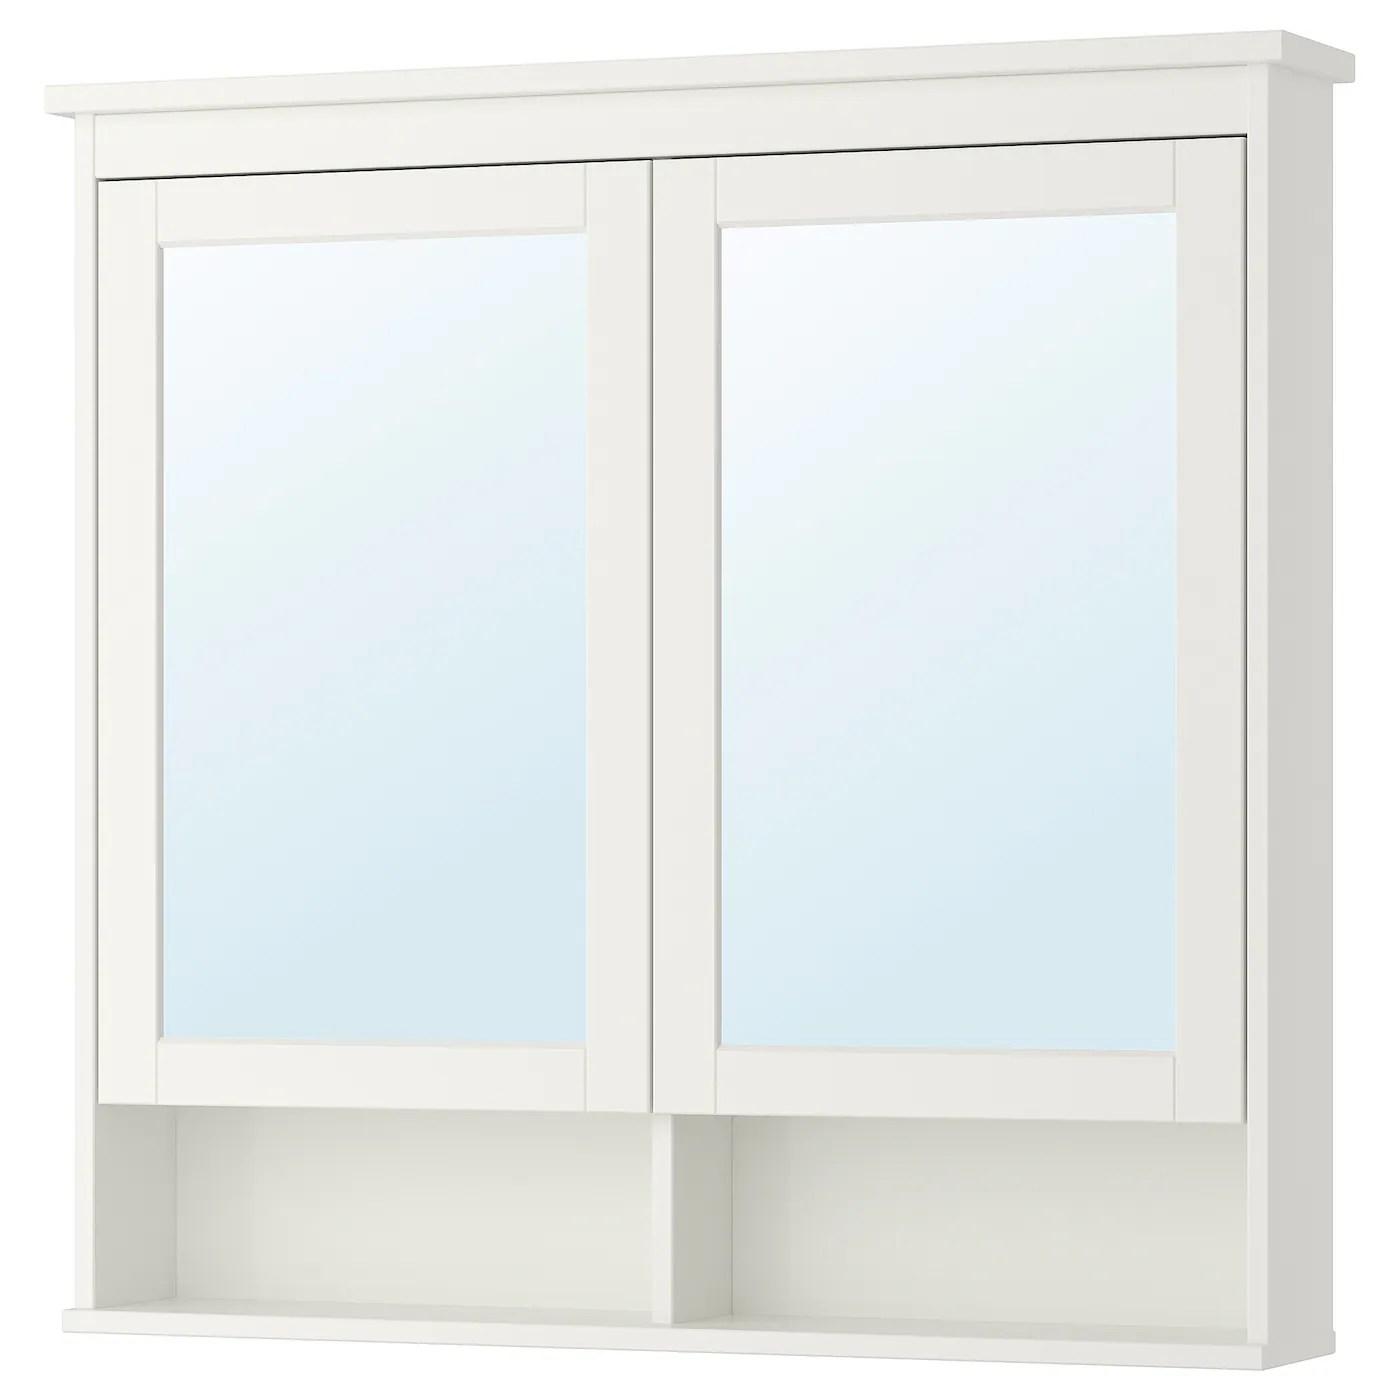 Hemnes Meuble A Miroir 2 Portes Blanc 103x16x98 Cm Ikea Suisse